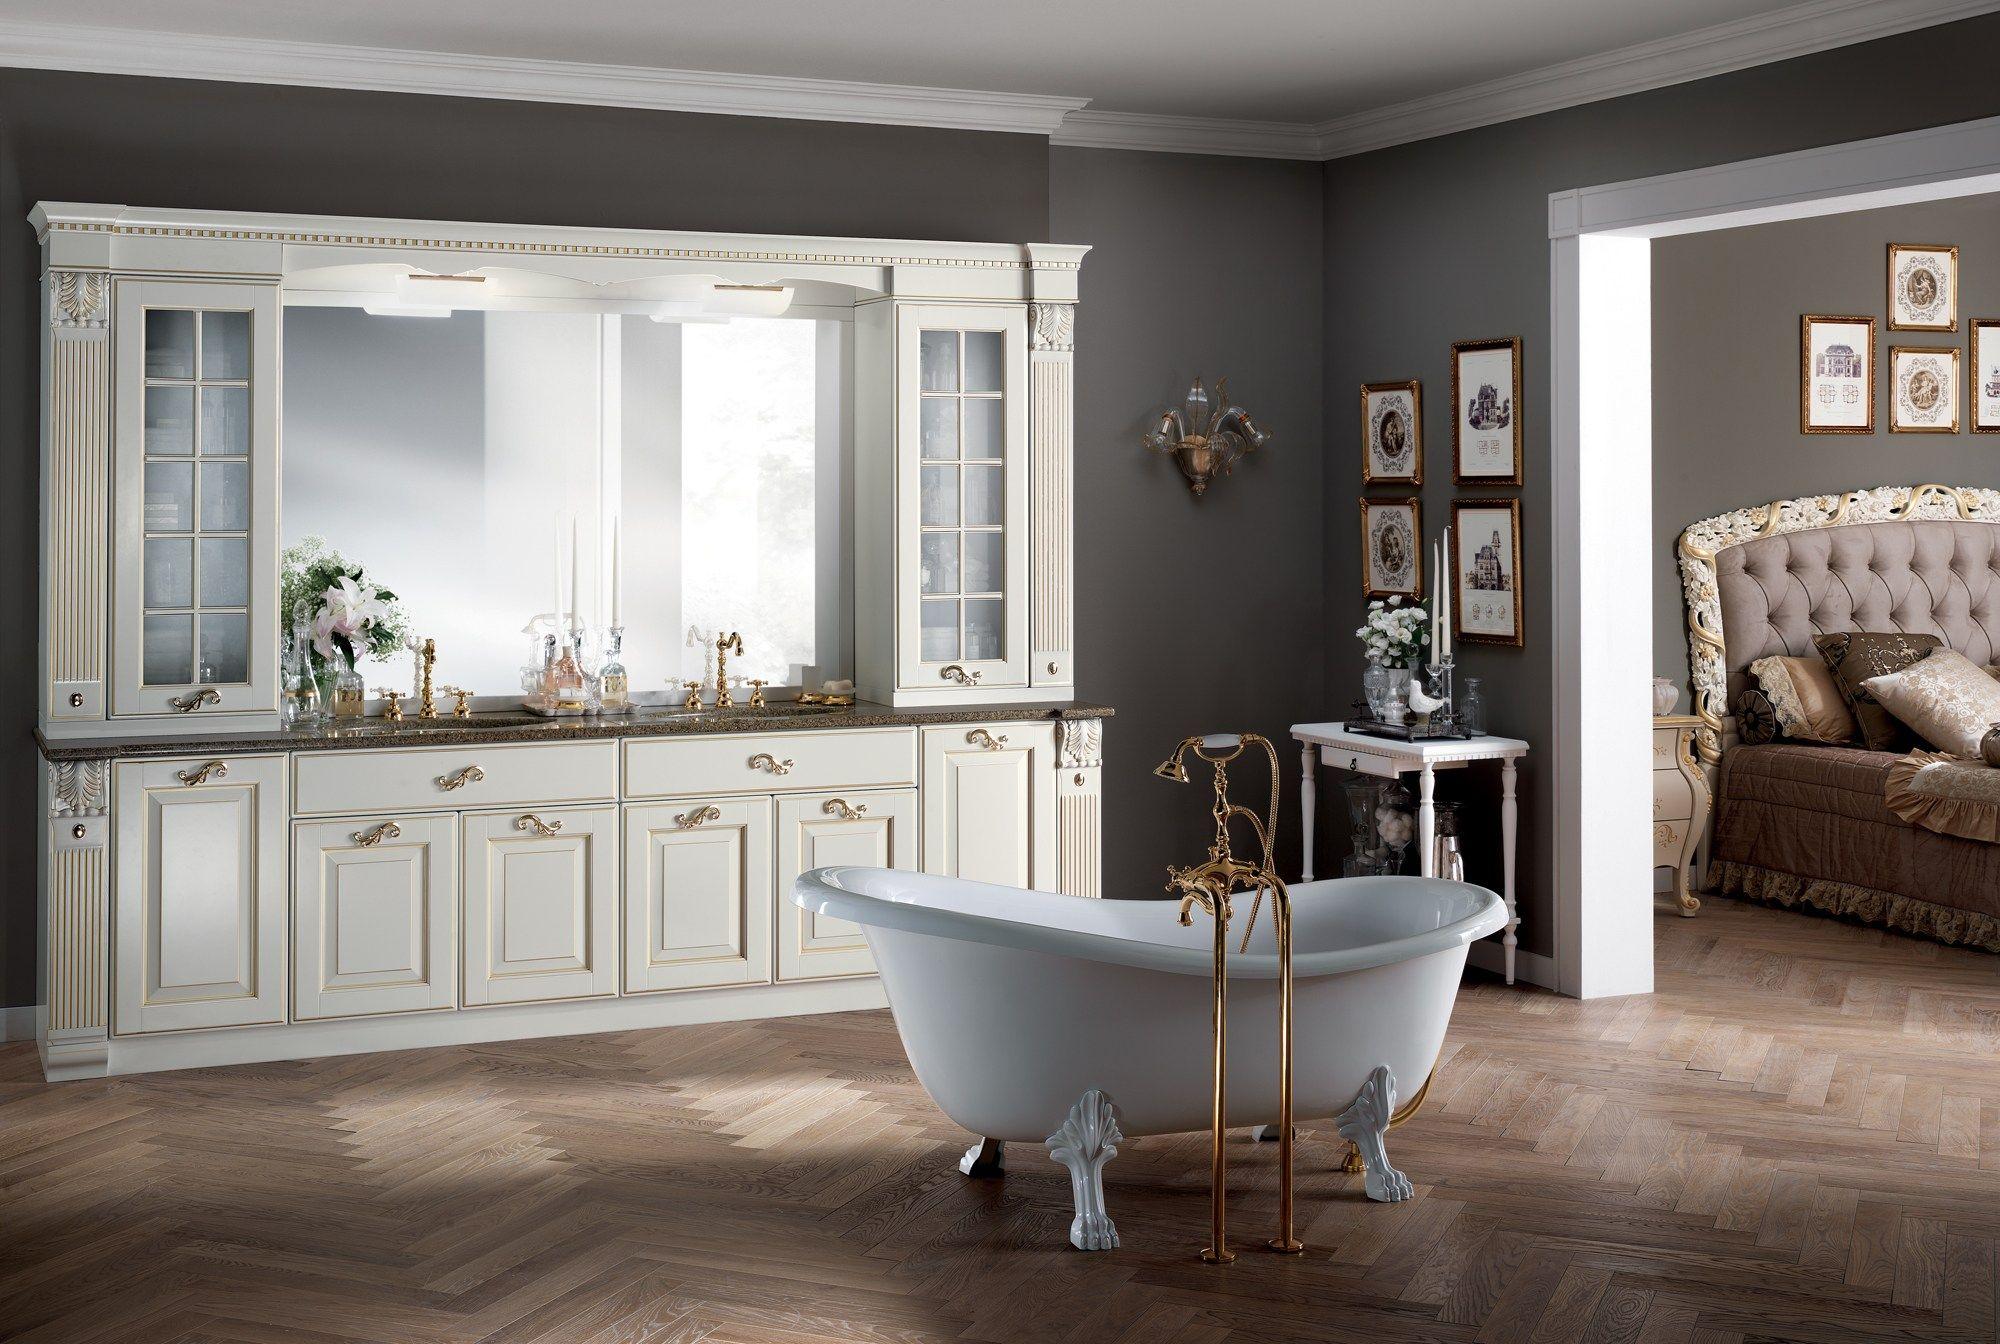 Arredo bagno completo baltimora by scavolini bathrooms for Bagno arredo design